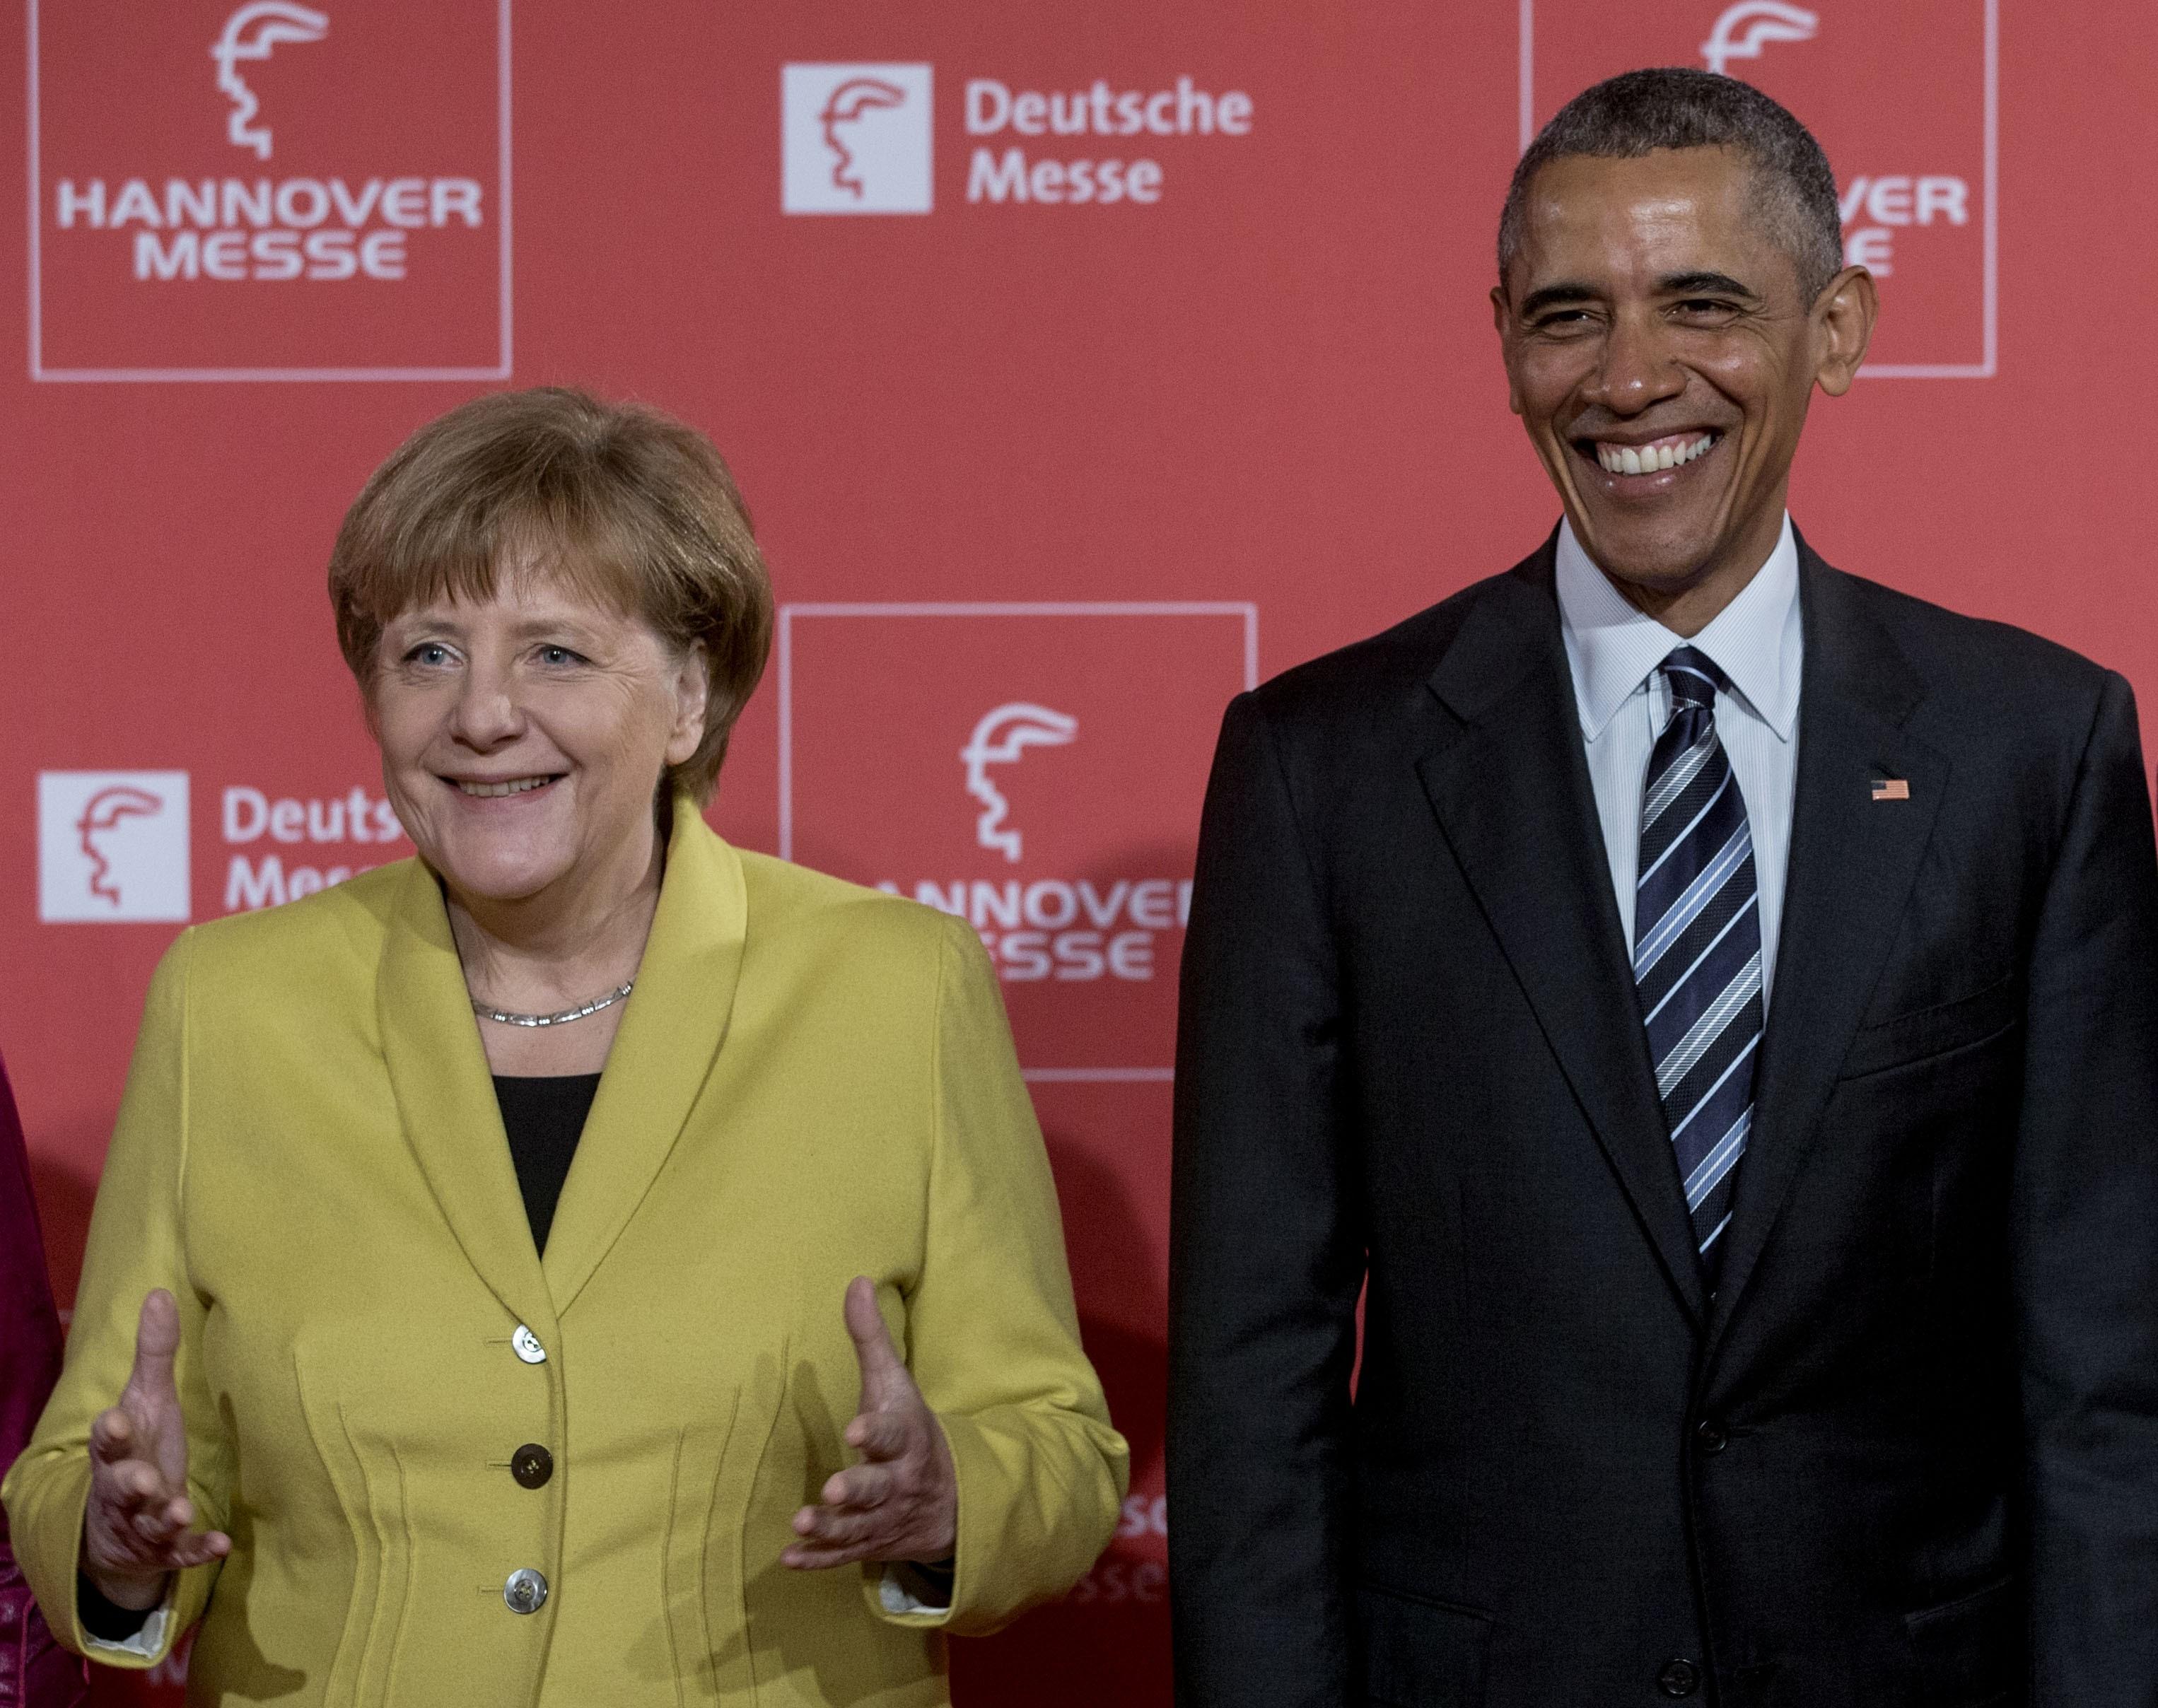 Obama szerint Merkel megbízható szövetséges, csak túl ritkán mutatja meg, hogy humora is van